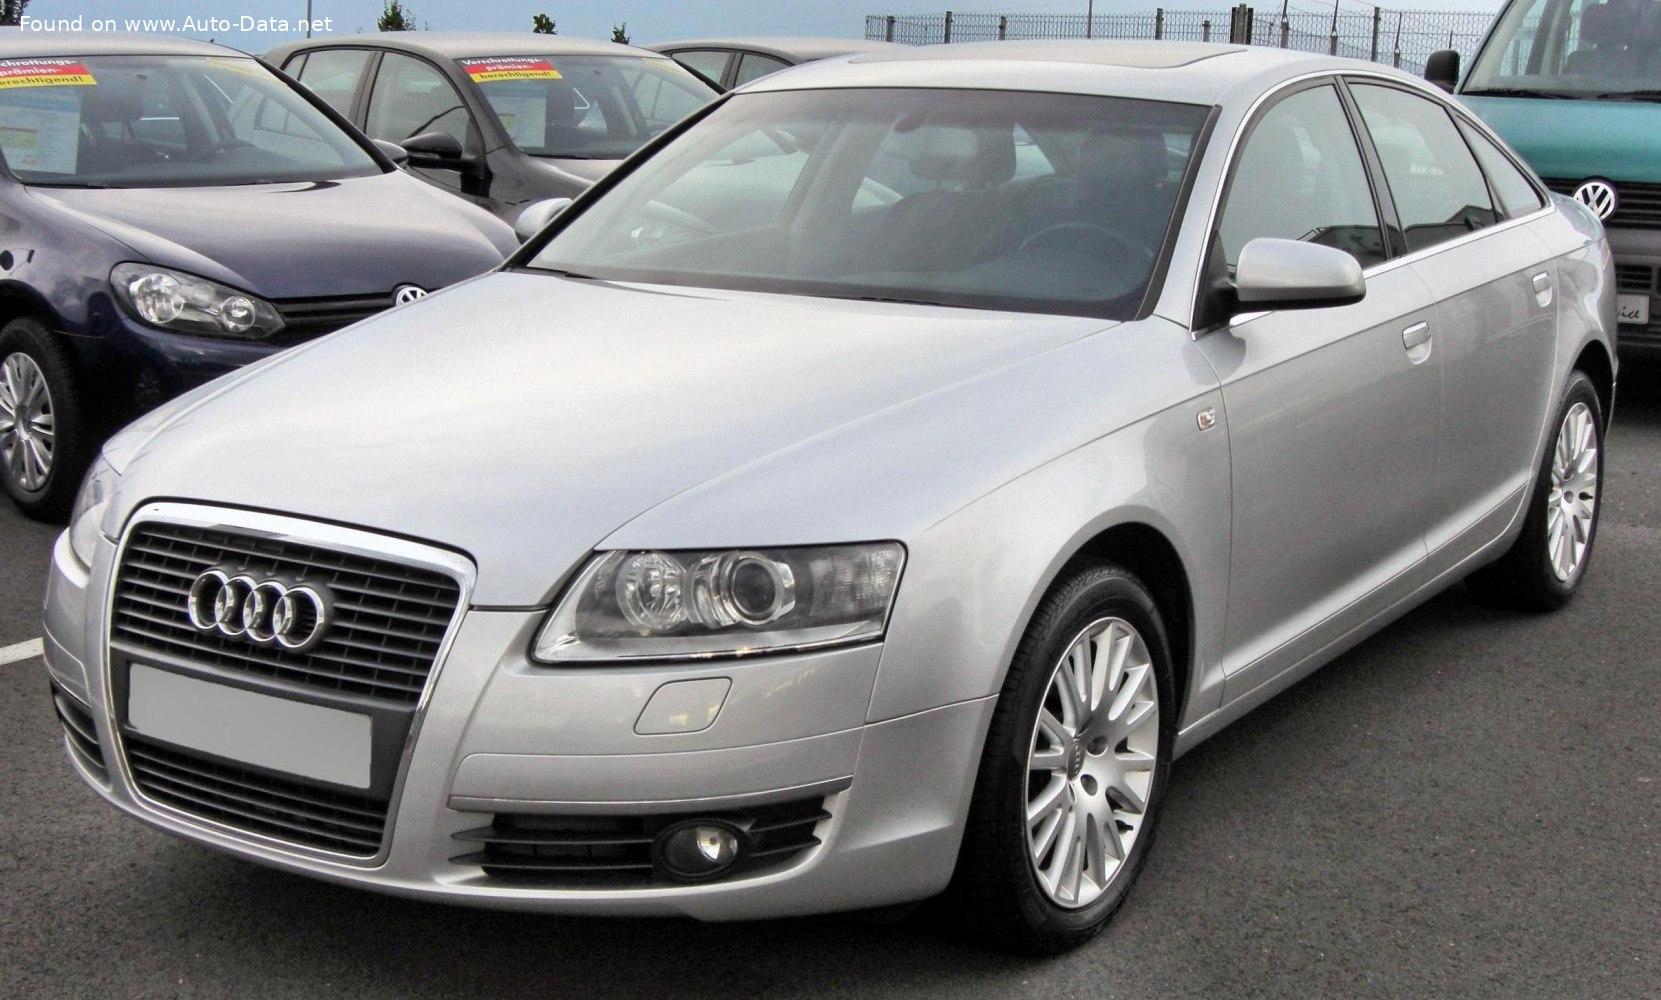 Kelebihan Kekurangan Audi A6 2.7 Tdi Spesifikasi